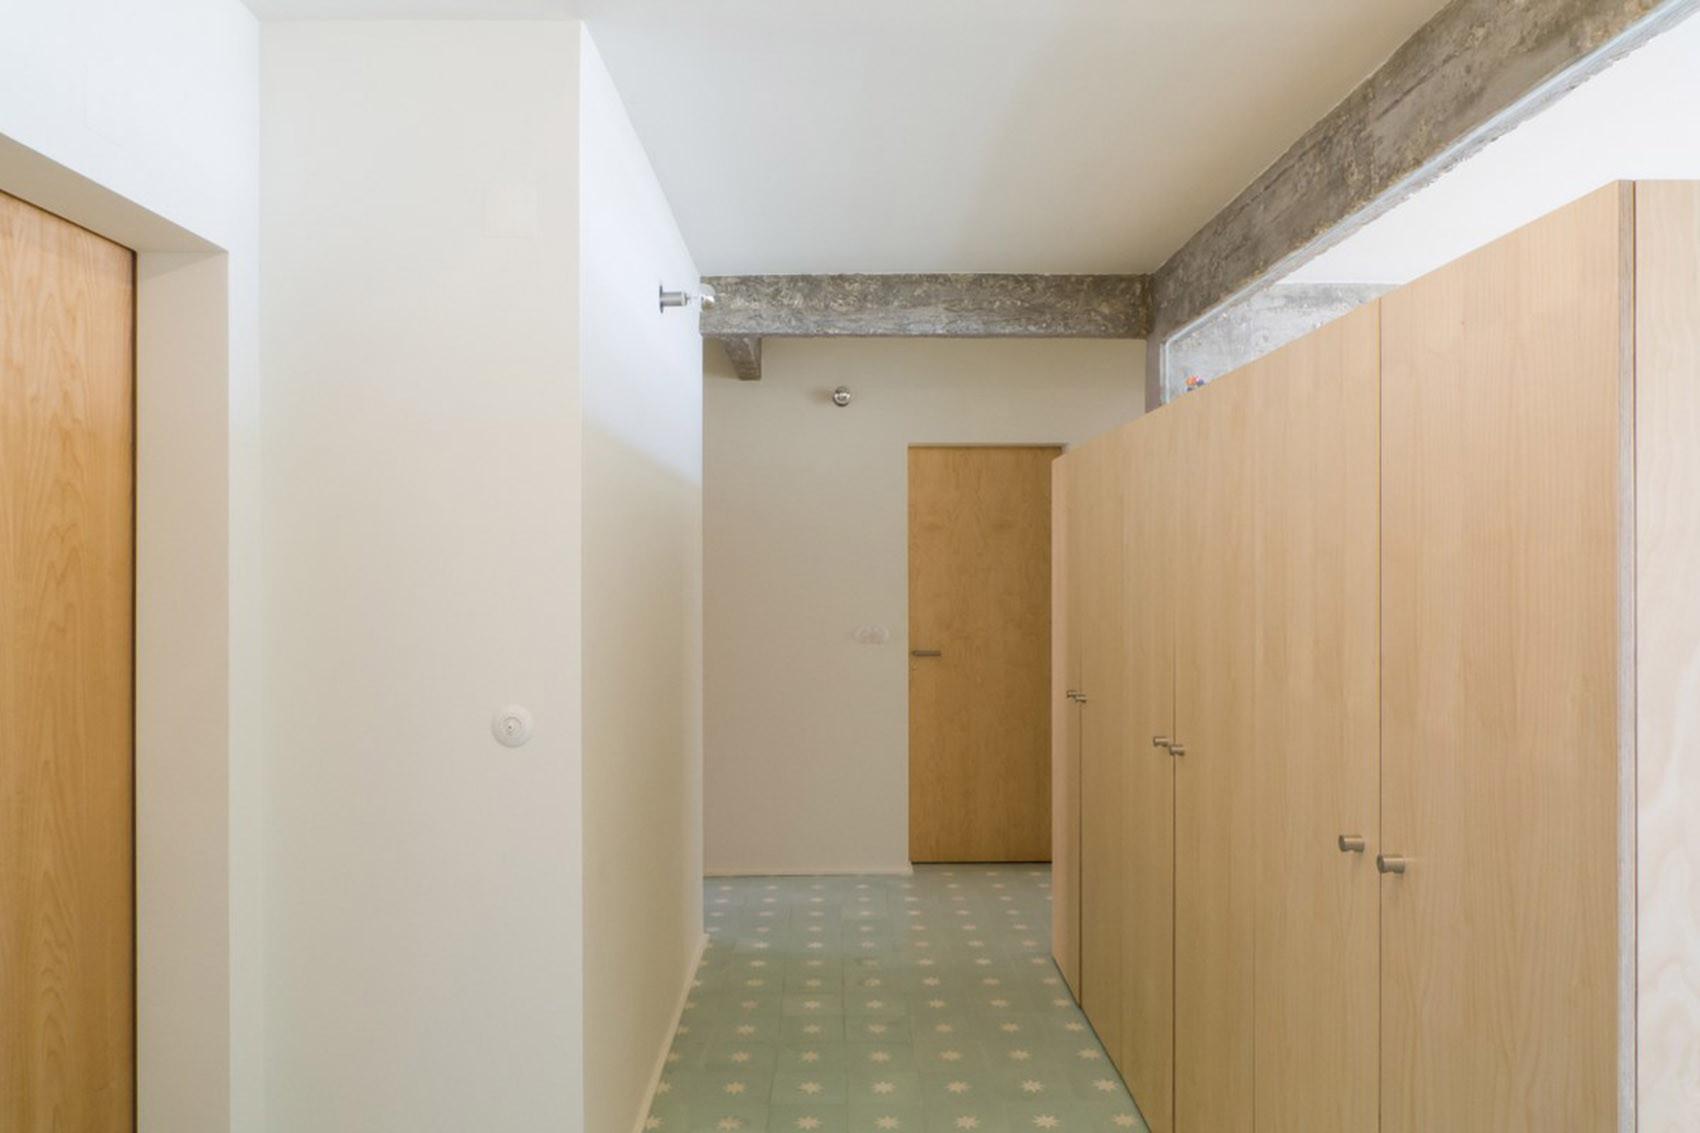 公寓简约装修走道图片